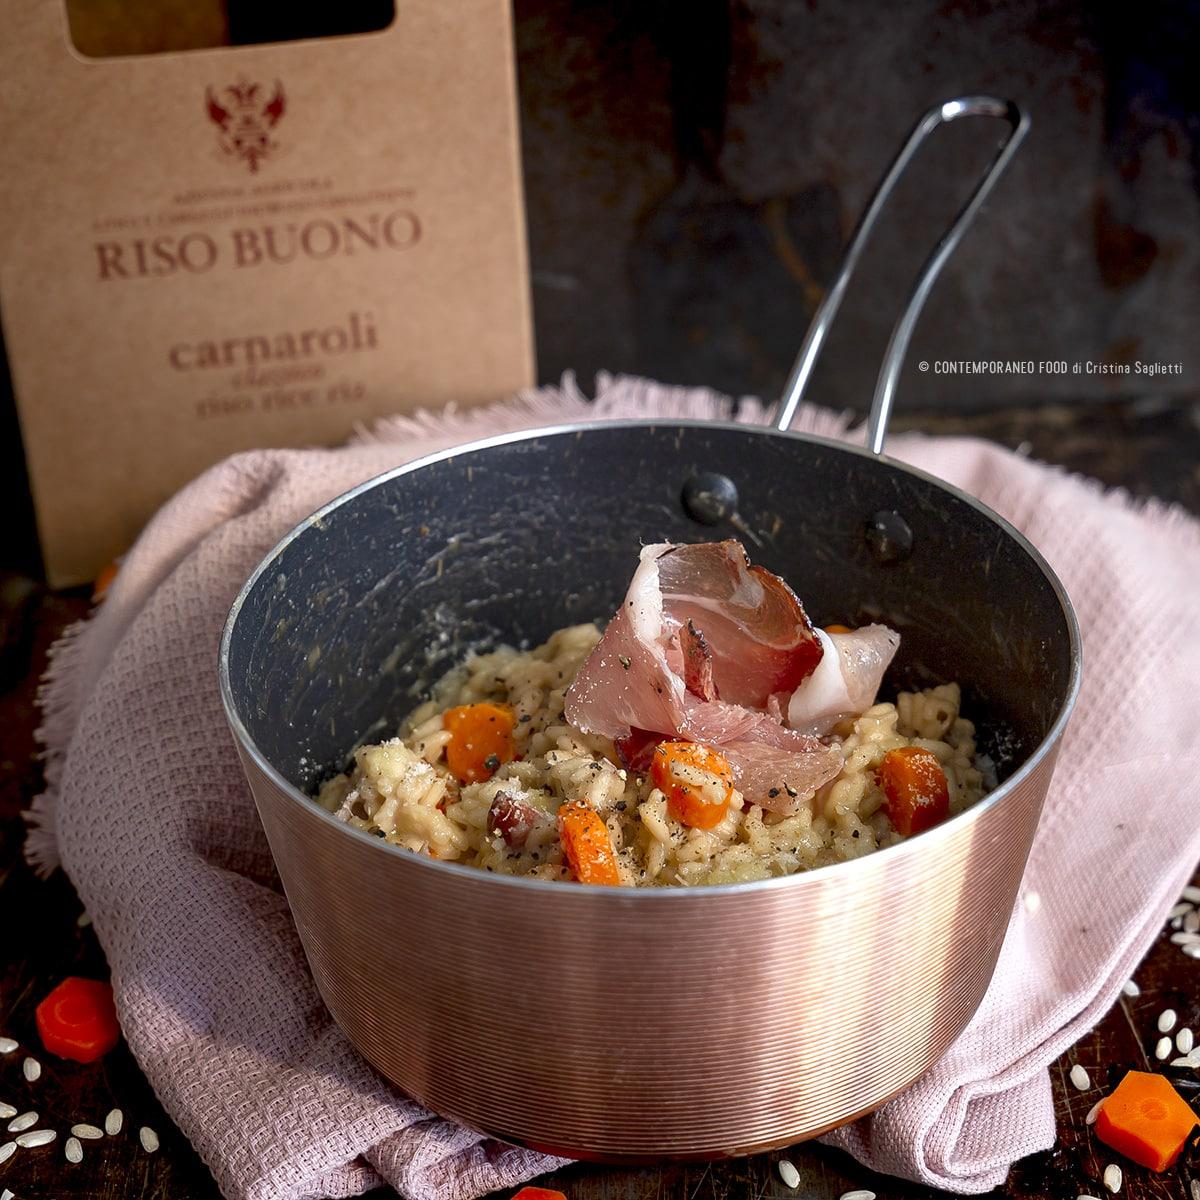 riso-buono-carnaroli-thé-lapsang-souchong-carote-speck-1-ricetta-primi-contemporaneo-food